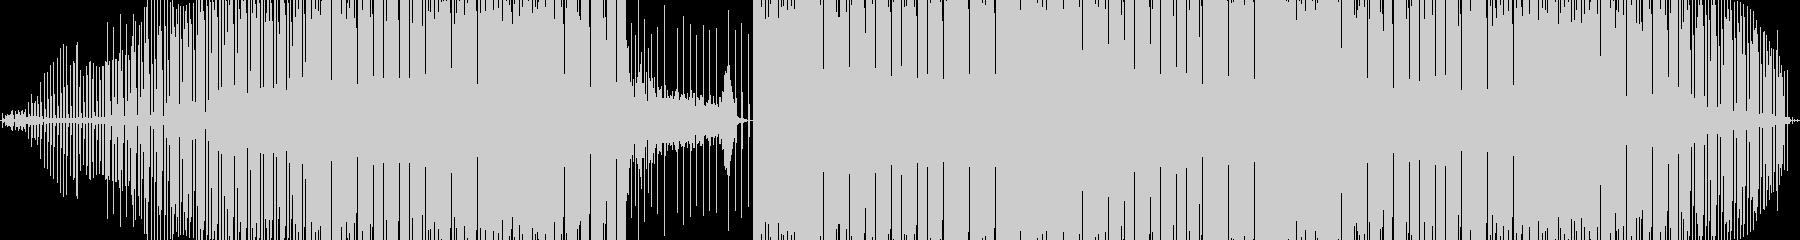 冷静になる。 Electro、In...の未再生の波形